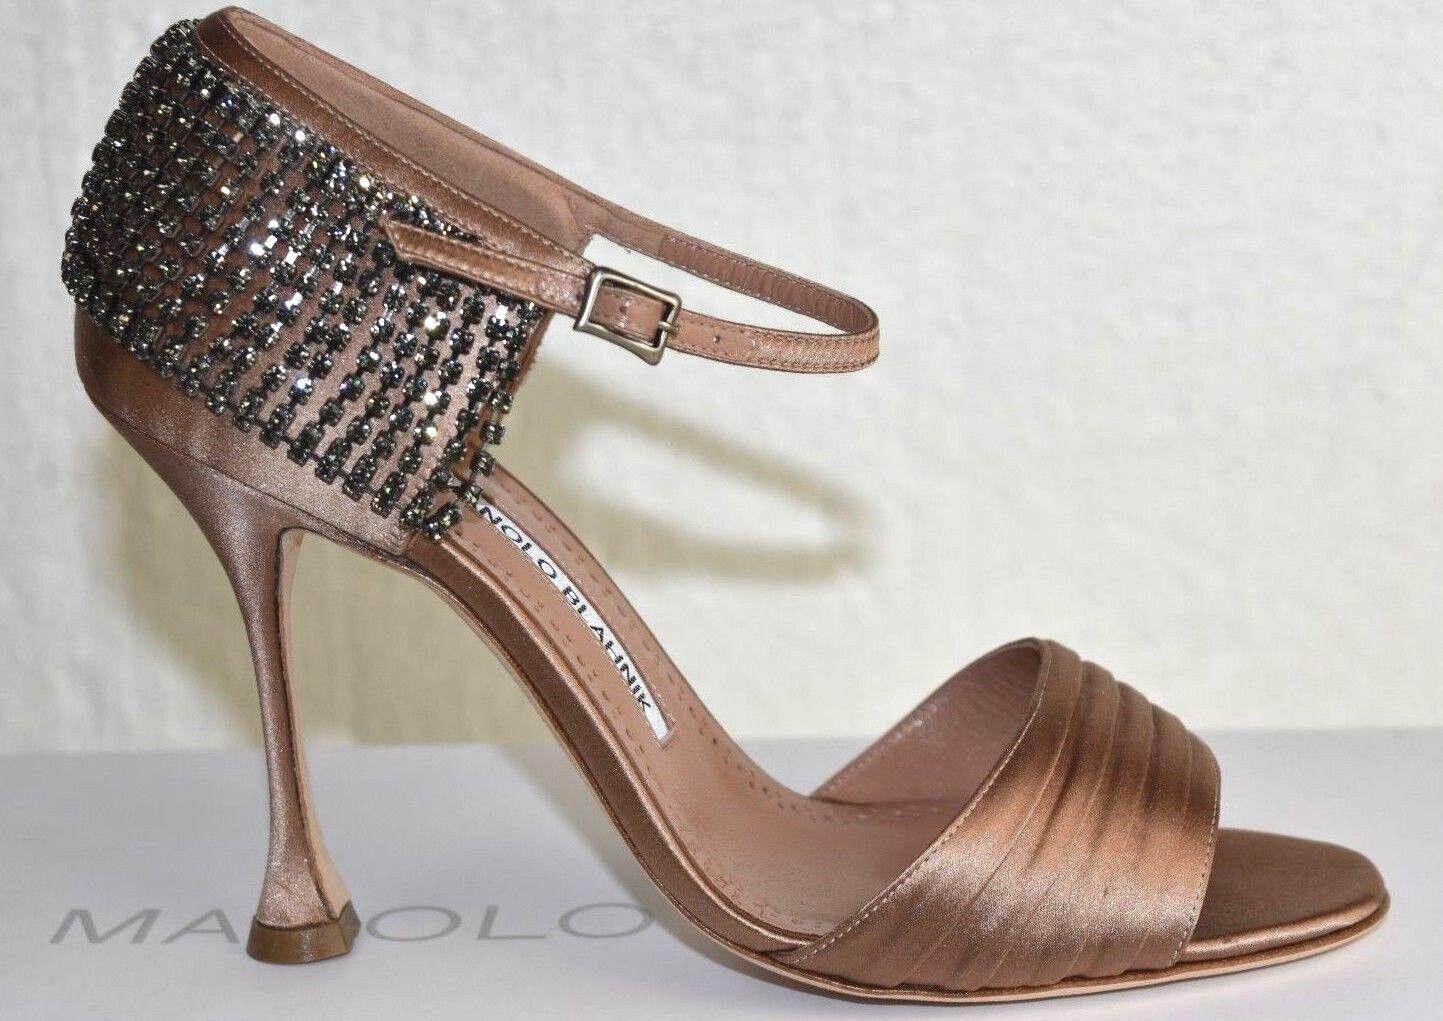 1215 Manolo Blahnik SIDINA Satin NUDE Crystals  Pumps scarpe 37 38.5 39 39.5 40  Garanzia di vestibilità al 100%